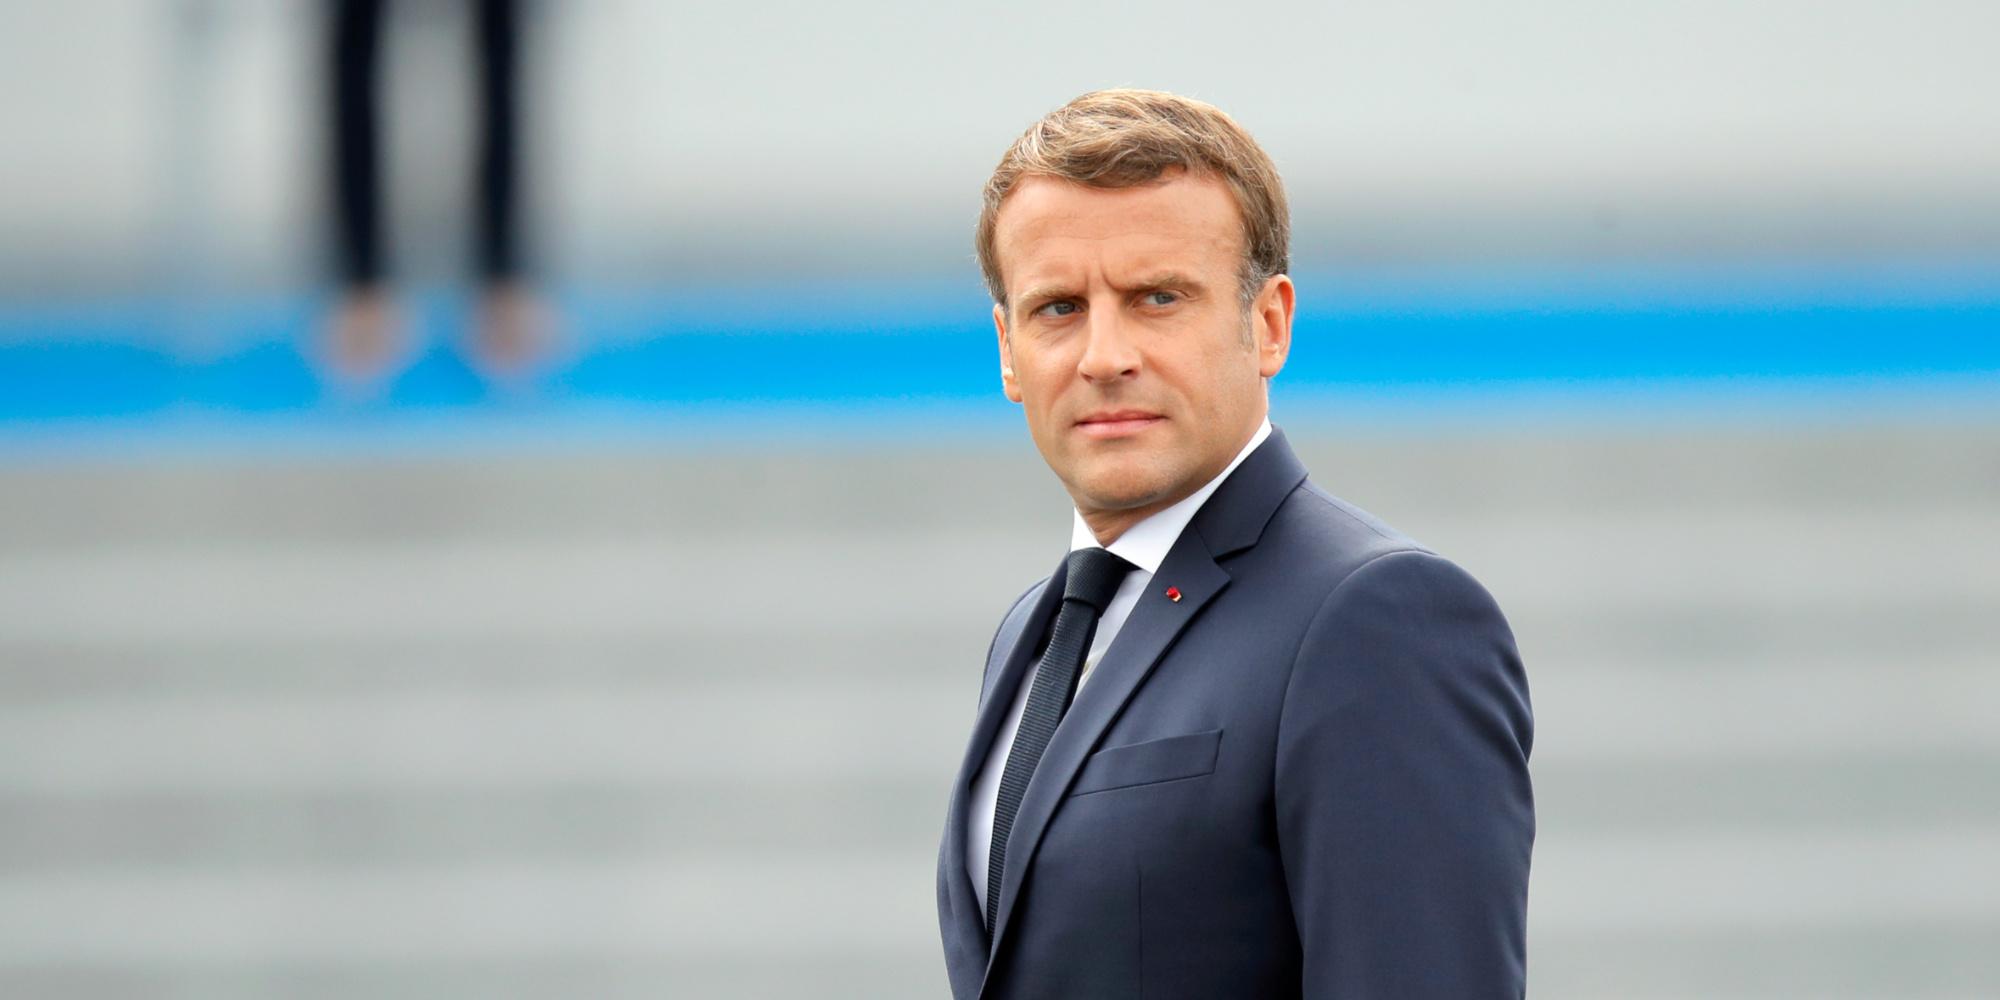 Liban Pour Quelles Raisons Emmanuel Macron Se Rend Il A Beyrouth